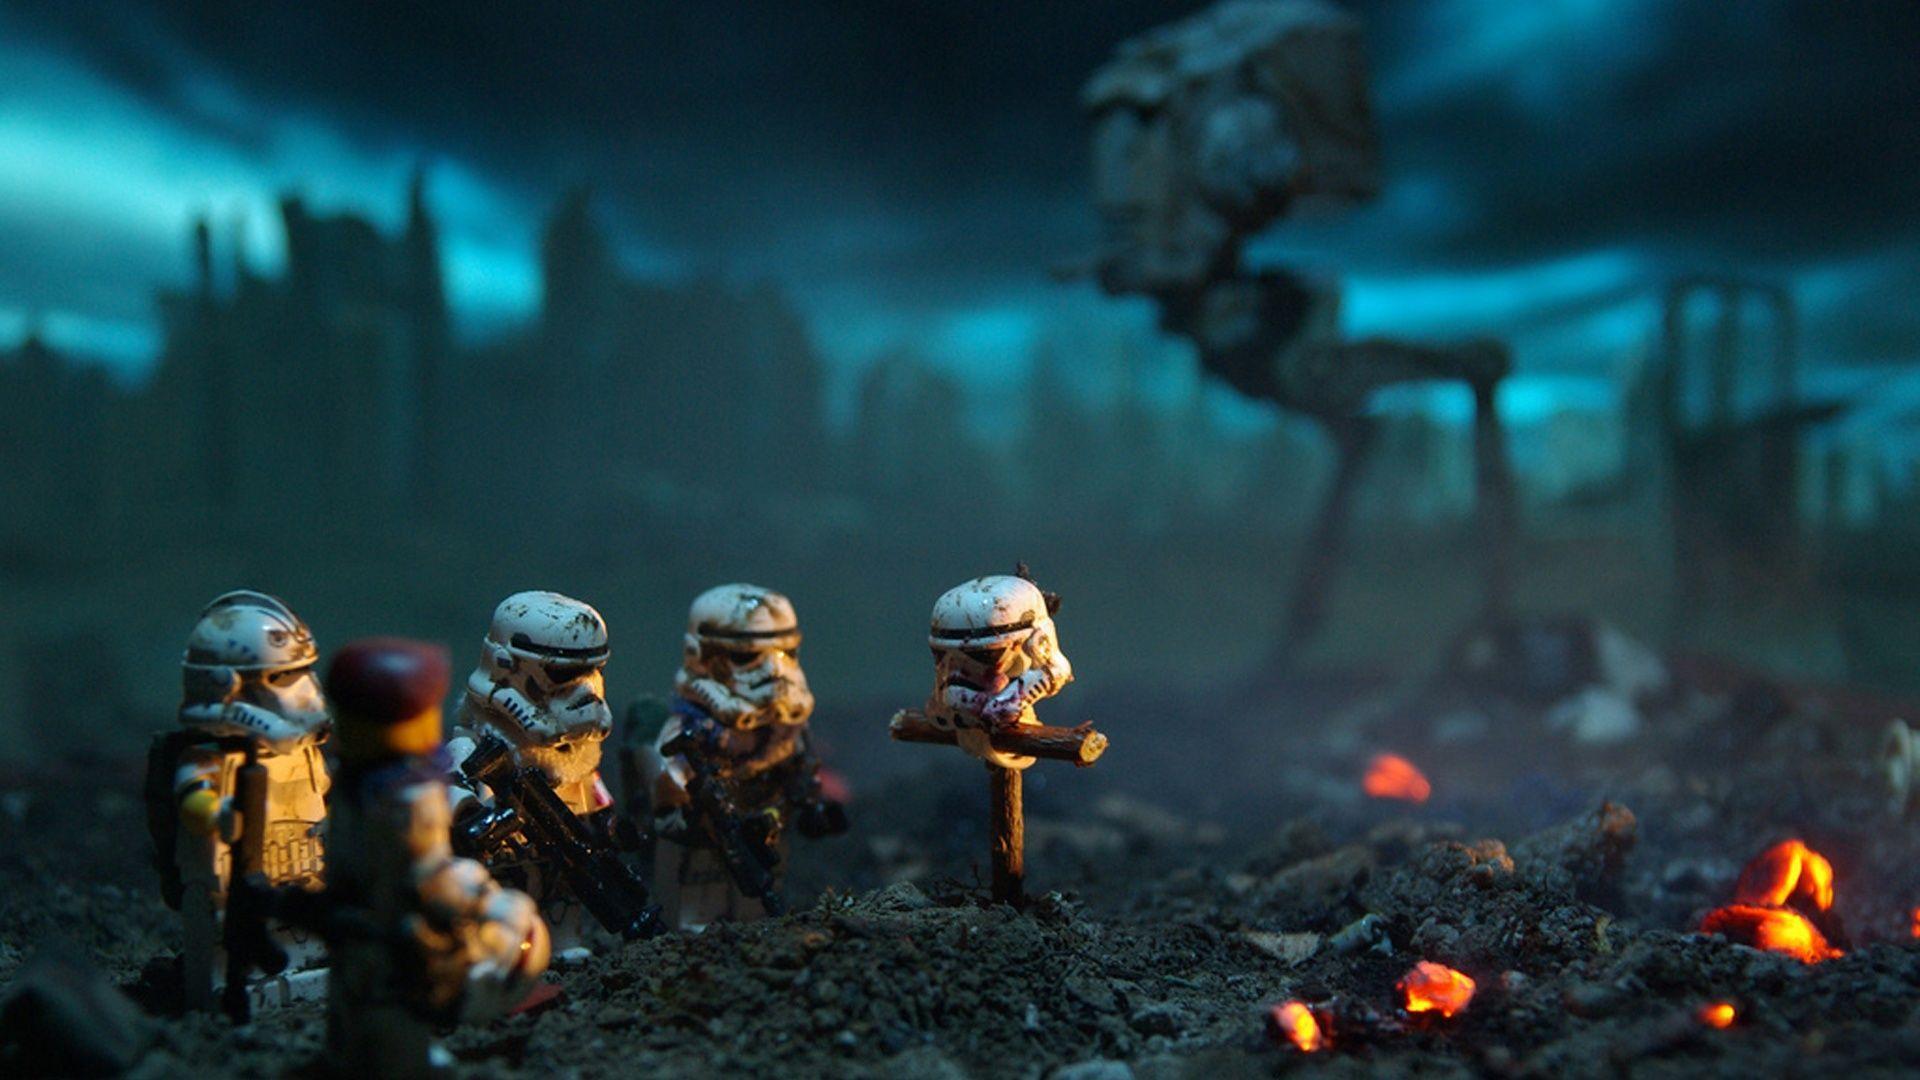 Star Wars Stormtrooper Desktop Wallpaper - WallpaperSafari